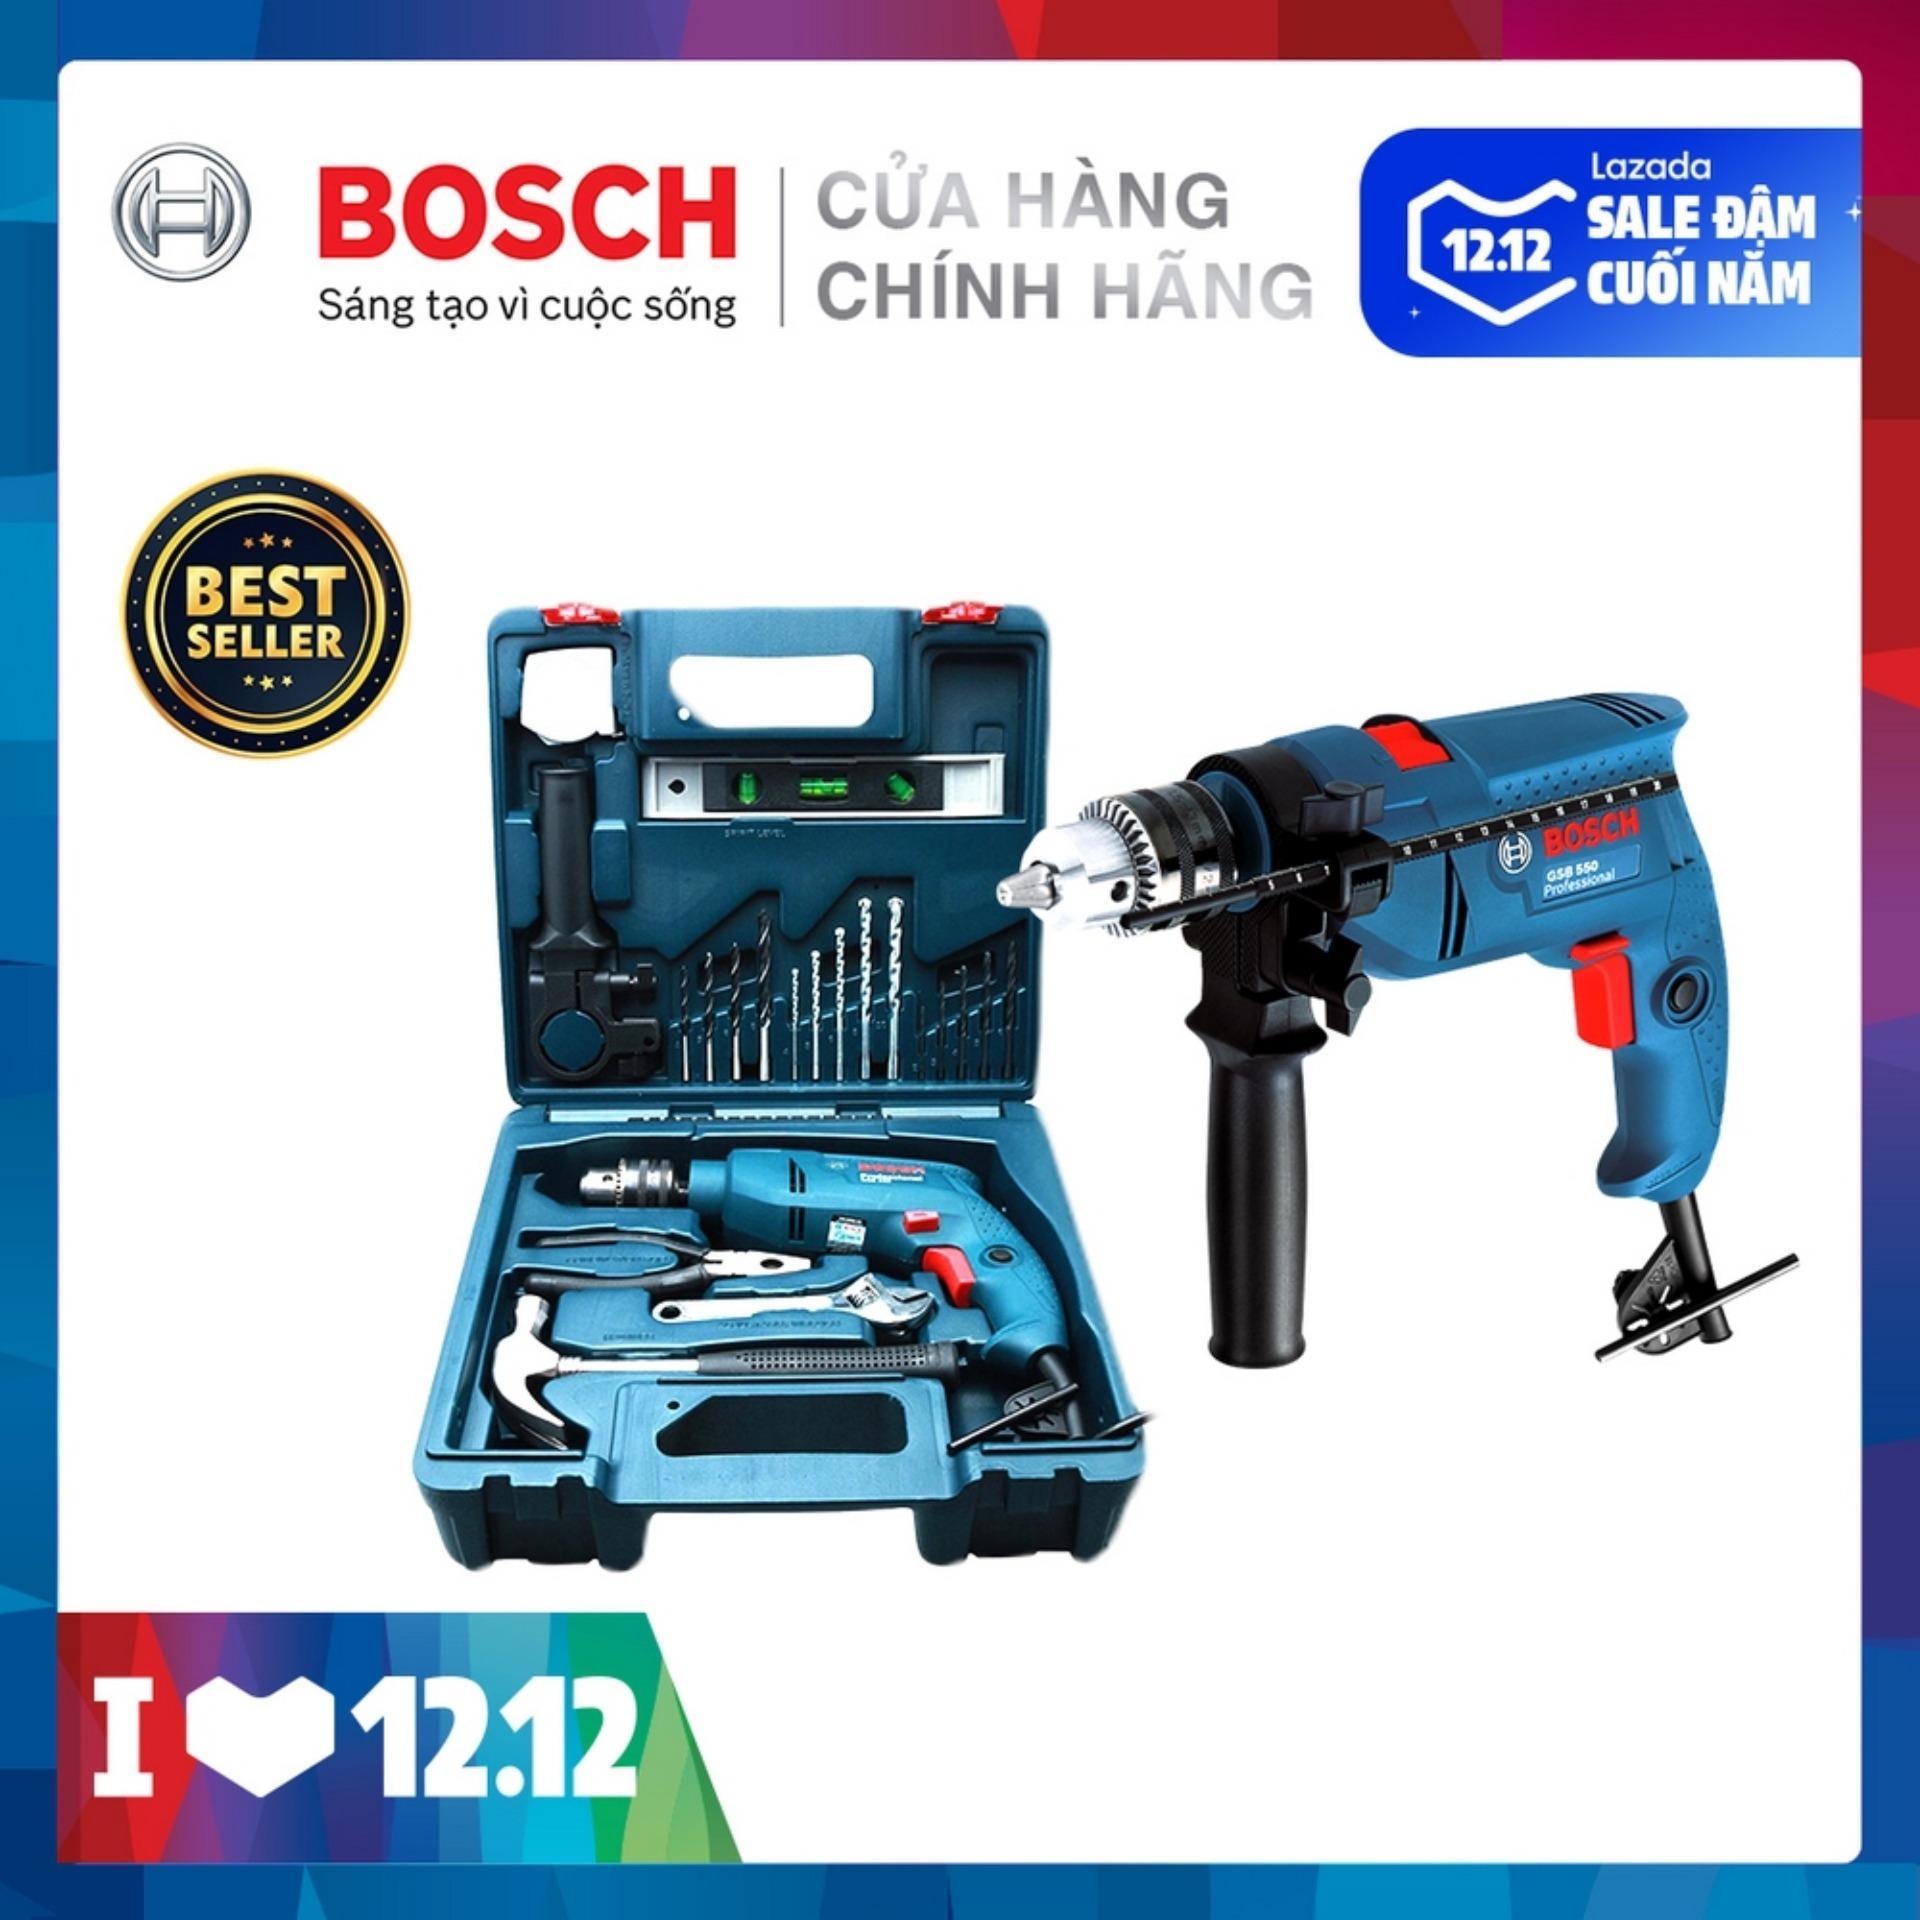 Coupon Khuyến Mại Bộ Máy Khoan động Lực Bosch GSB 550 MP SET 19 Chi Tiết